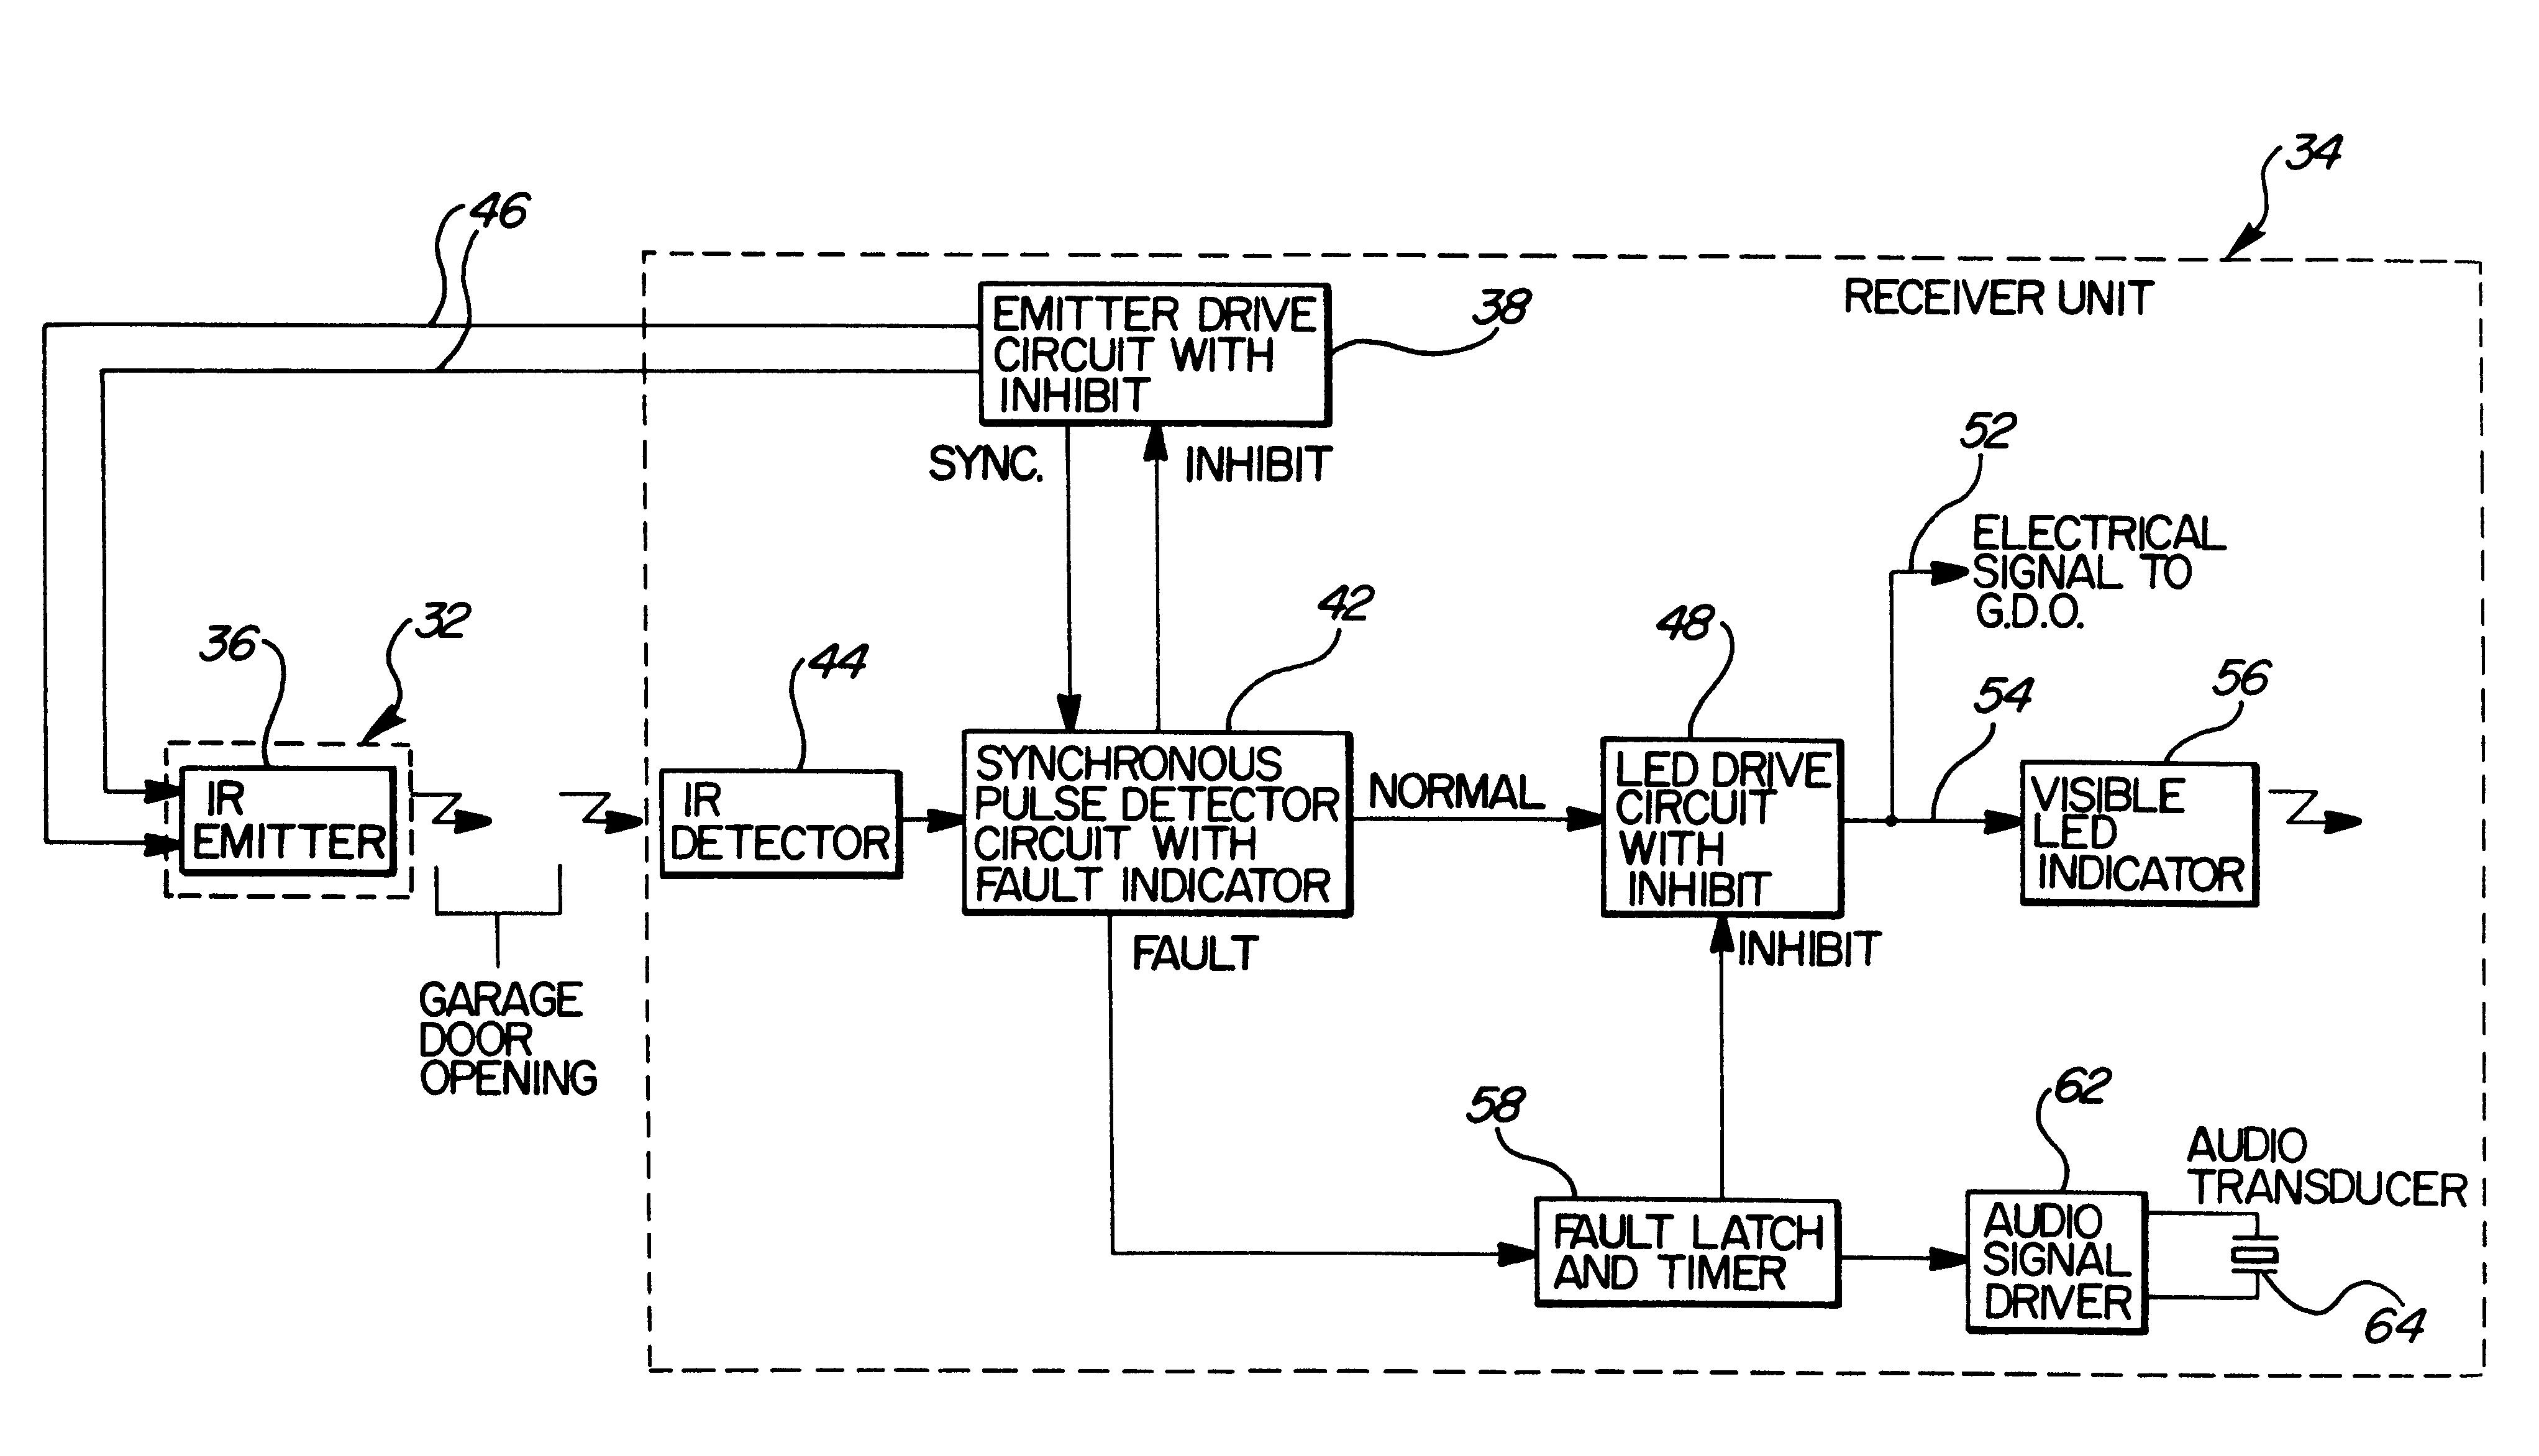 garage door opener sensor wiring diagram Download-Garage Door Opener Wiring Diagram Futuristic Chamberlain Jesanet Chamberlain Garage Door Sensor 17-h